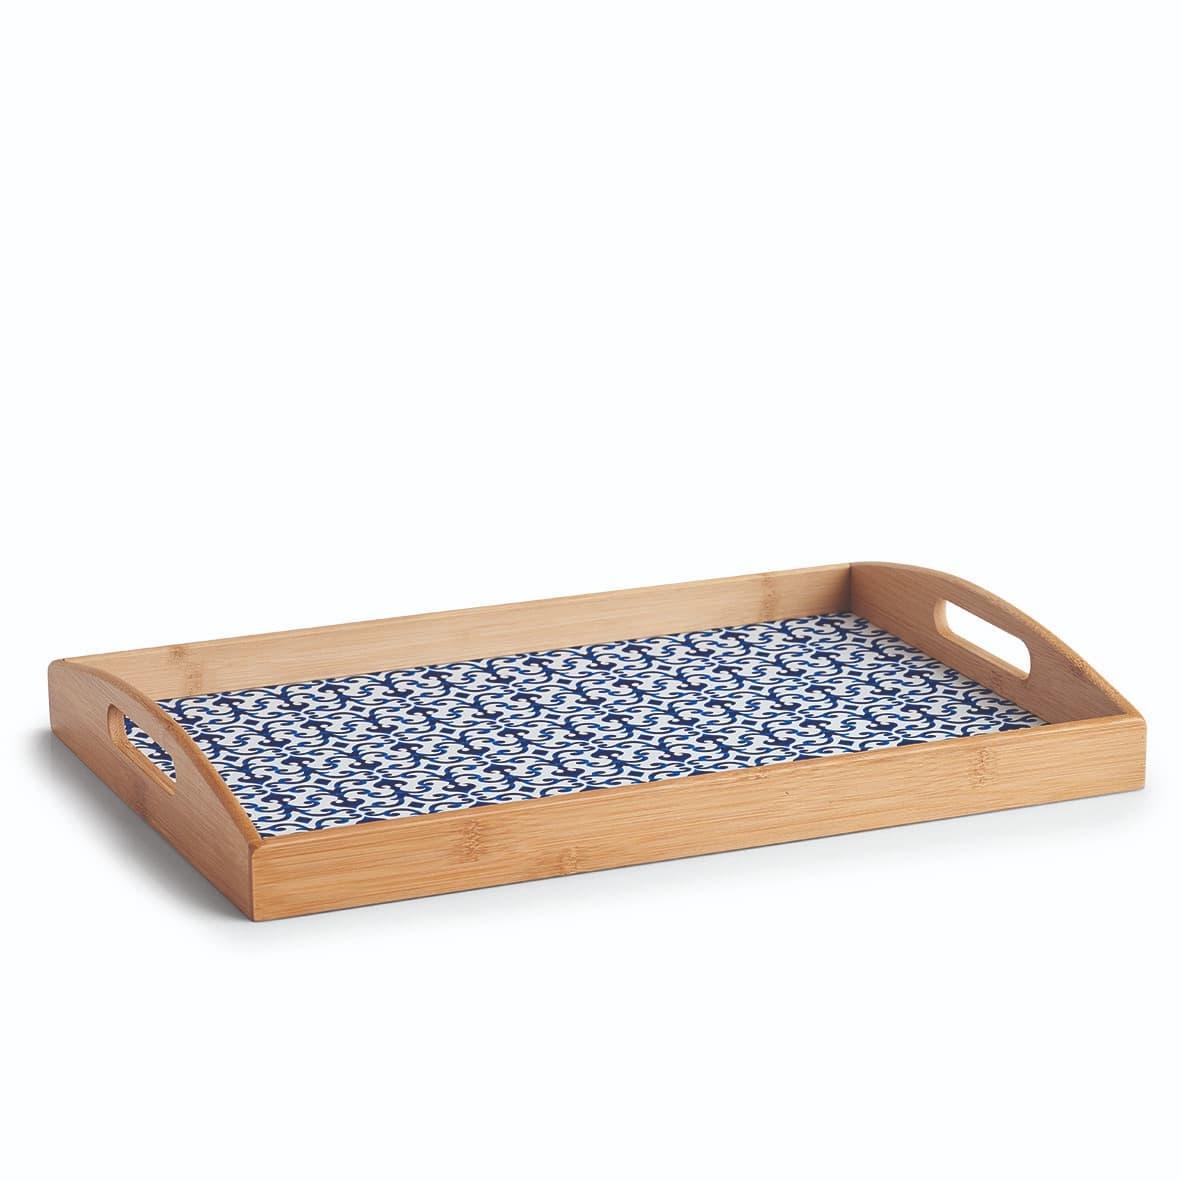 Tava pentru servire, din bambus, Bamboo Albastru / Natural, L44xl30xH5,5 cm imagine